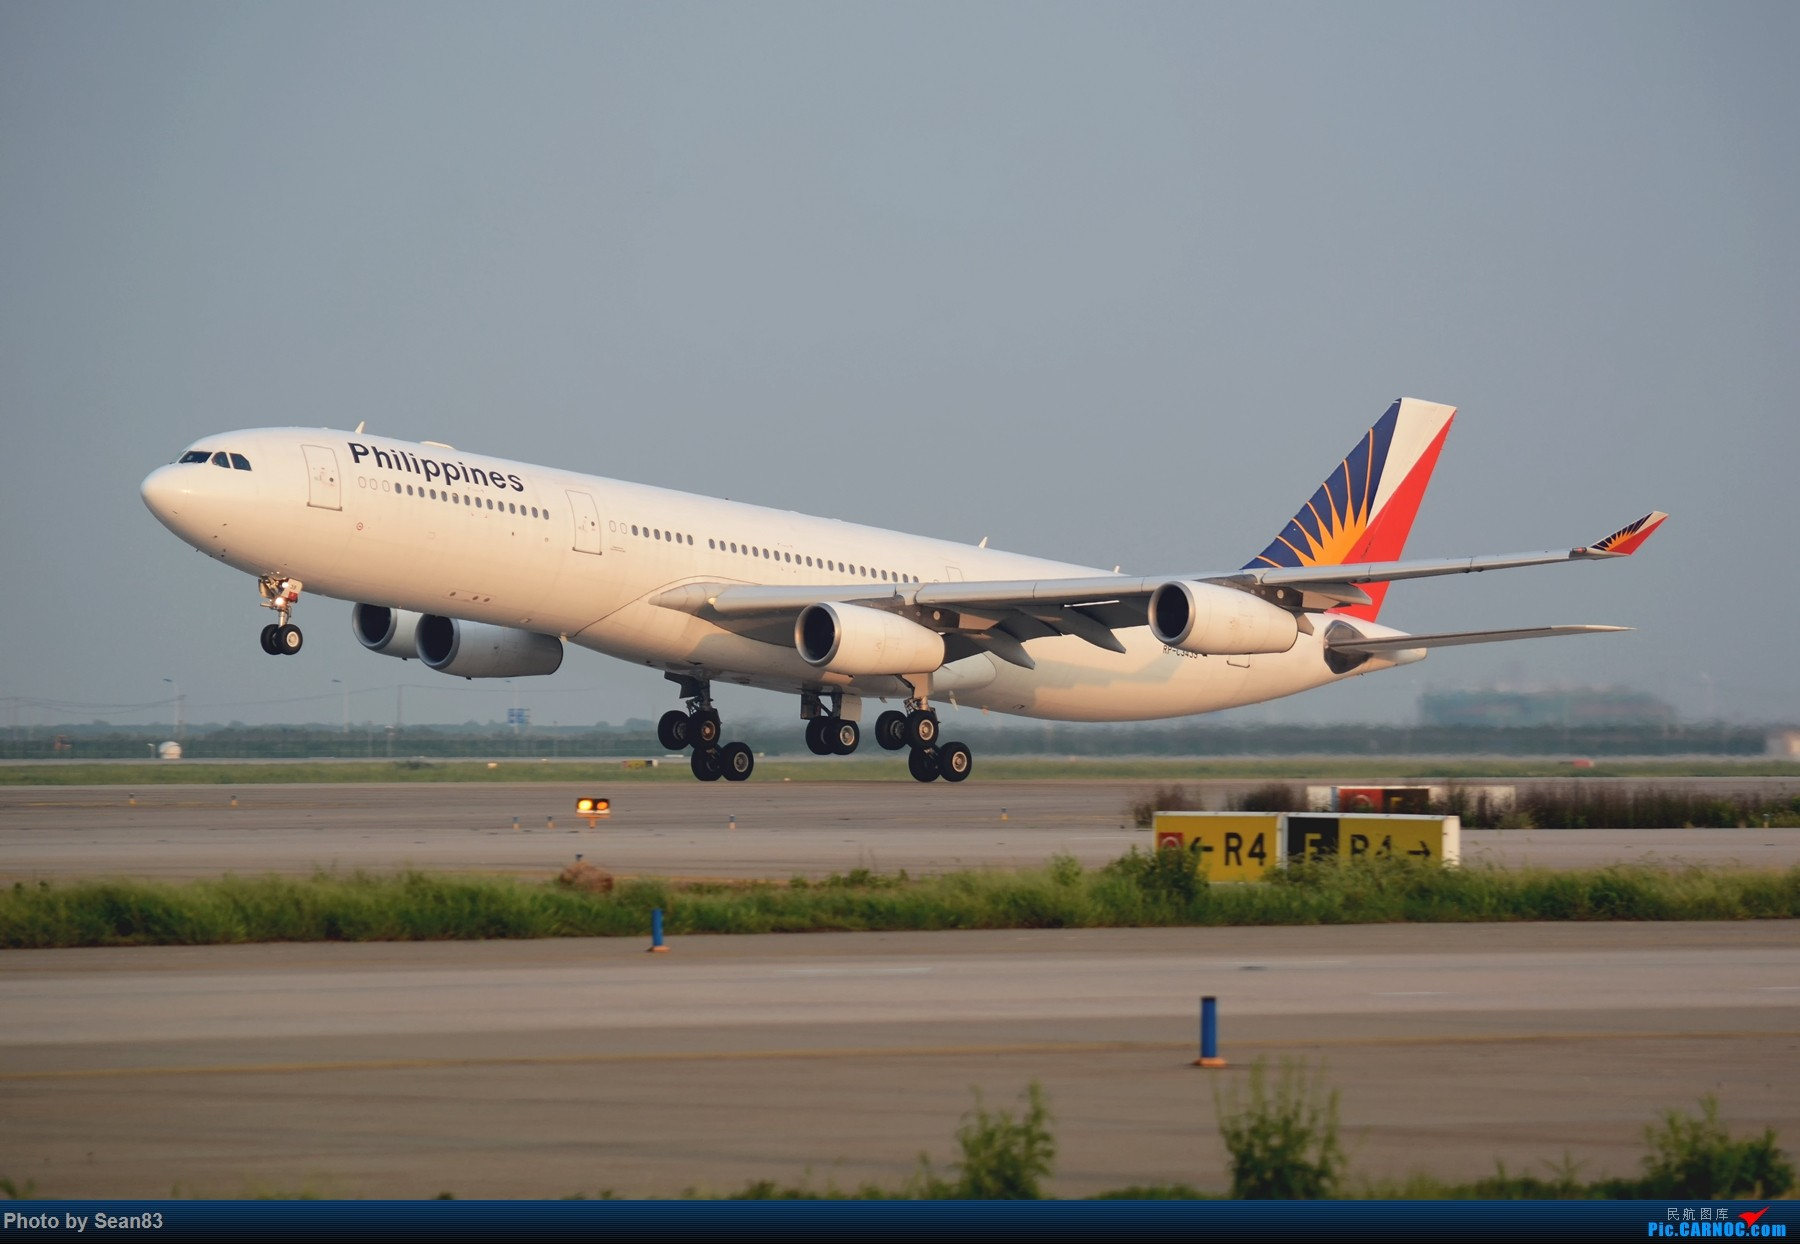 [原创](PVG 1800*) 菲律宾A340-300 迎着夕阳起飞 AIRBUS A340-300 RP-C3439 上海浦东国际机场